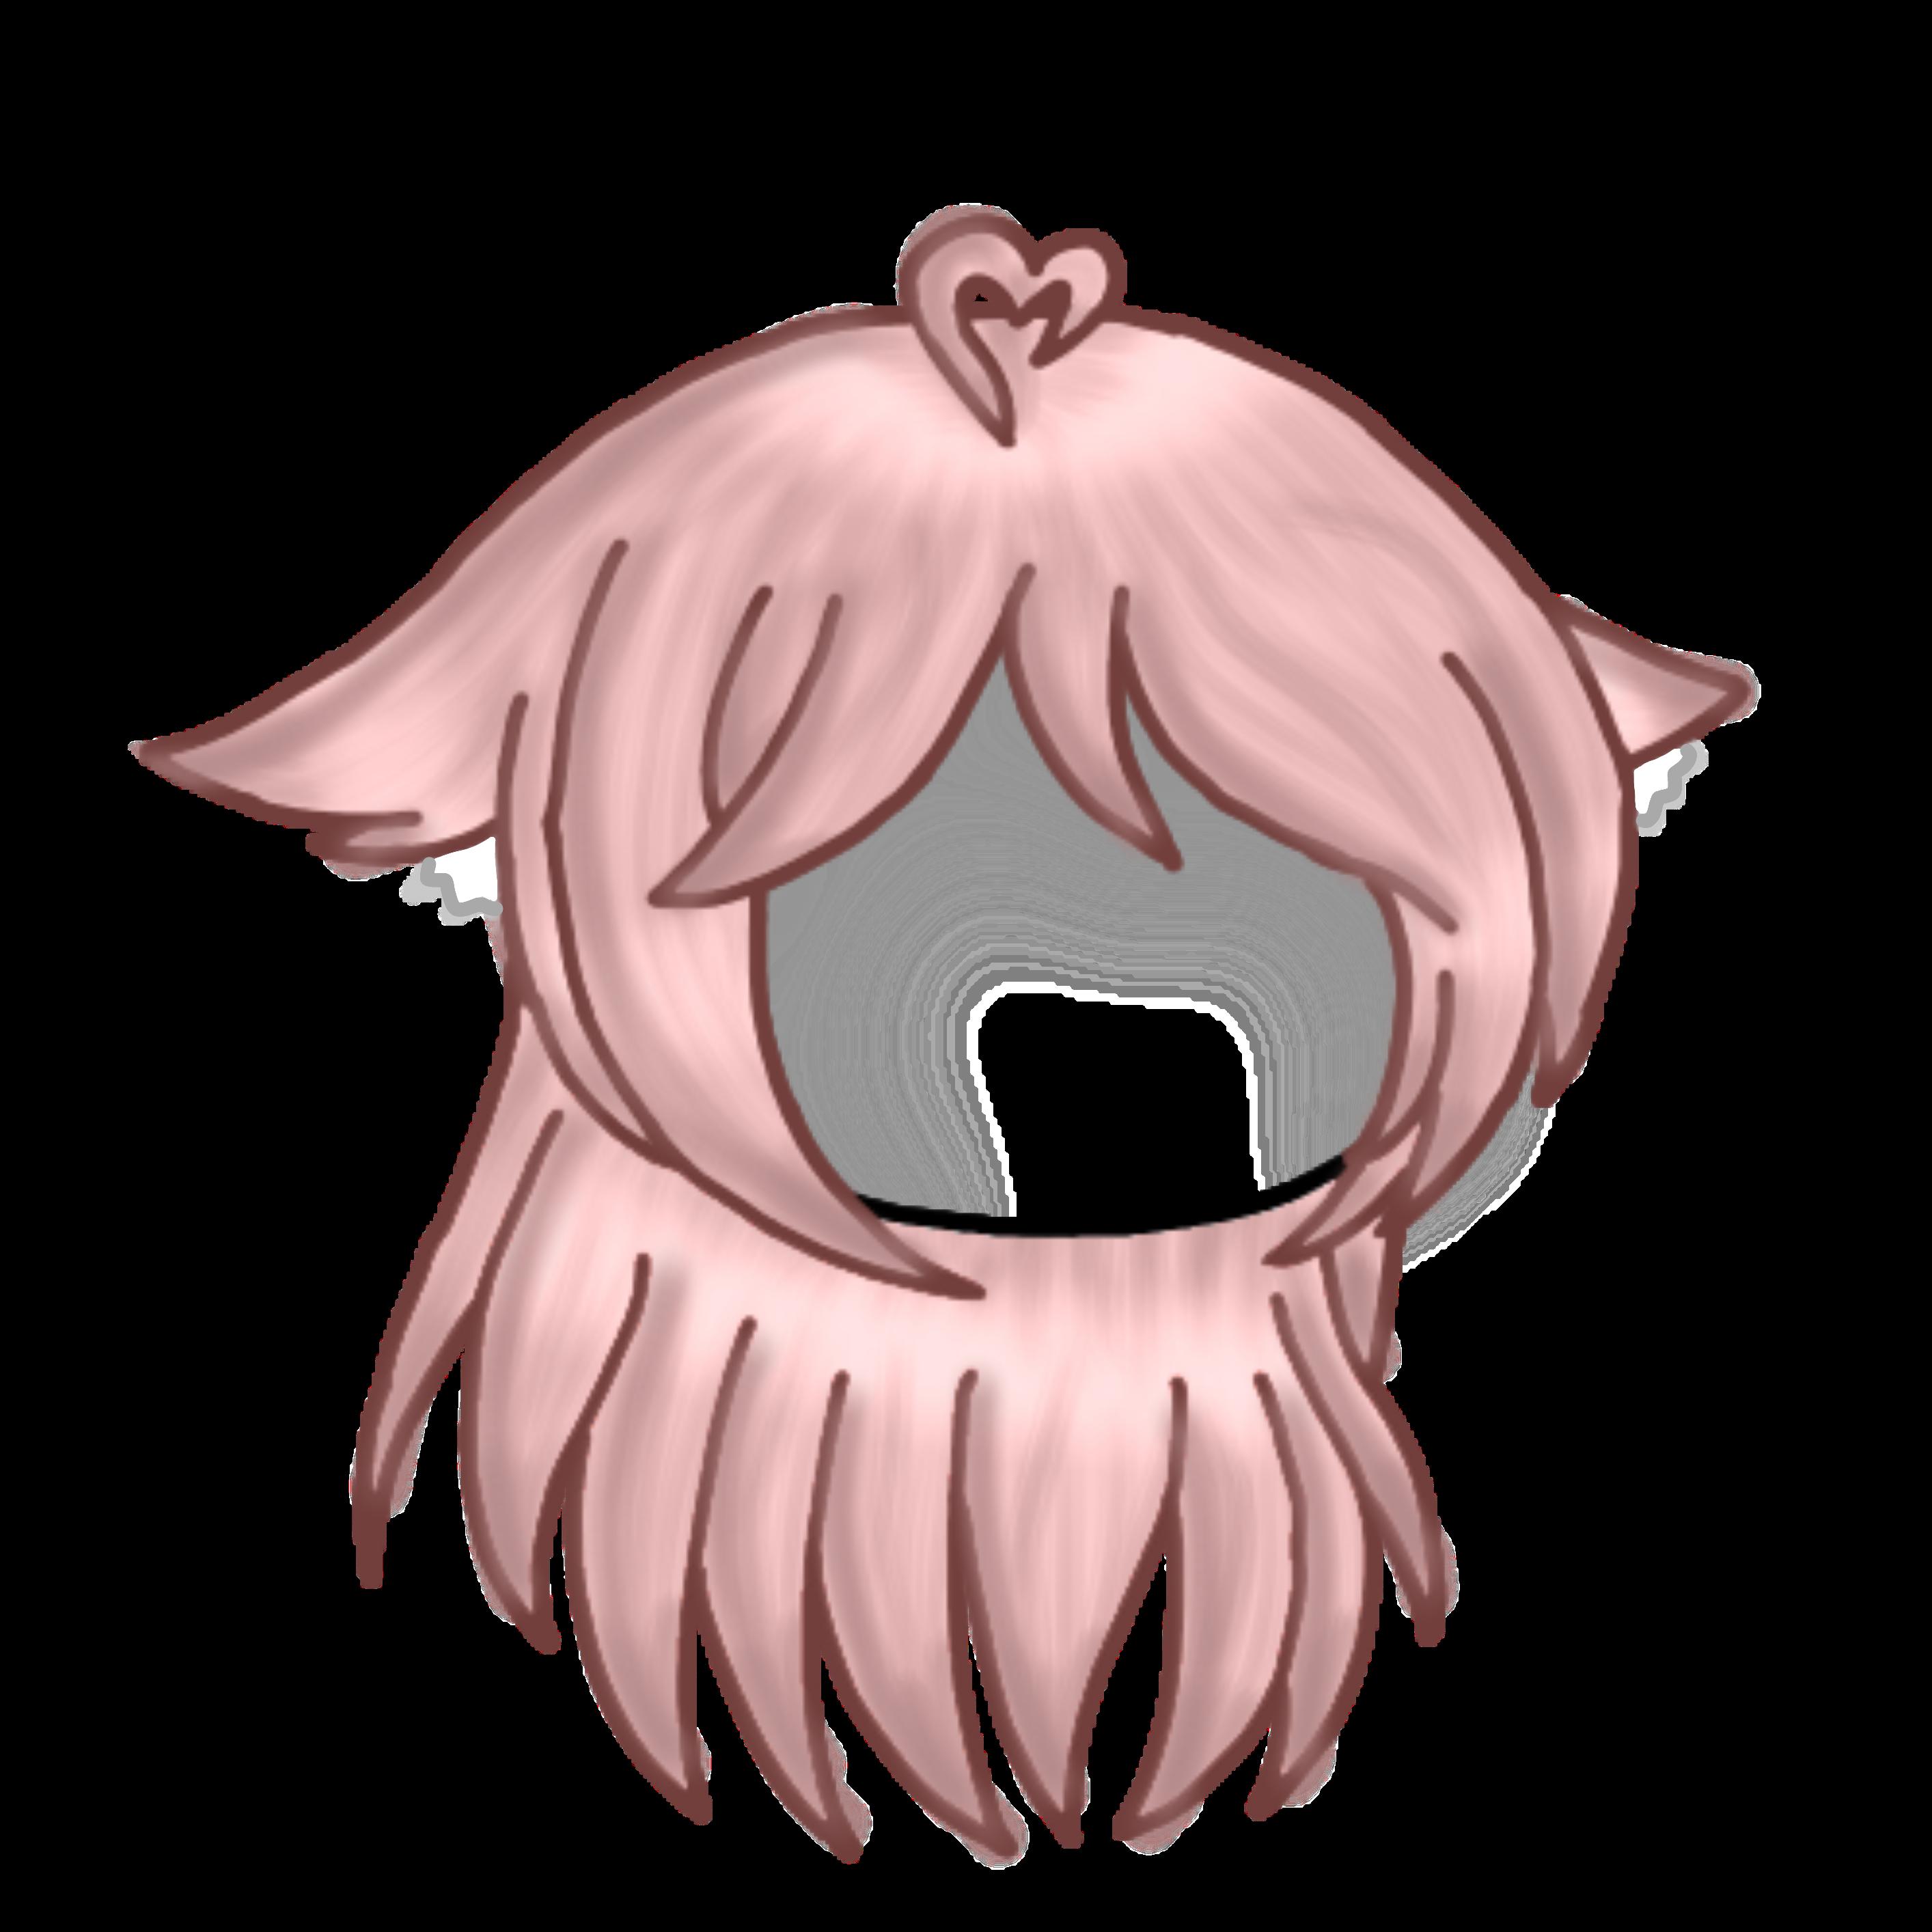 Custom Gacha Hair Gachlife Customhair Pink Cute Heart Gachacustomhair Gachahaif Customgachalifshair Hopey Chibi Hair Drawing Anime Clothes Anime Hair